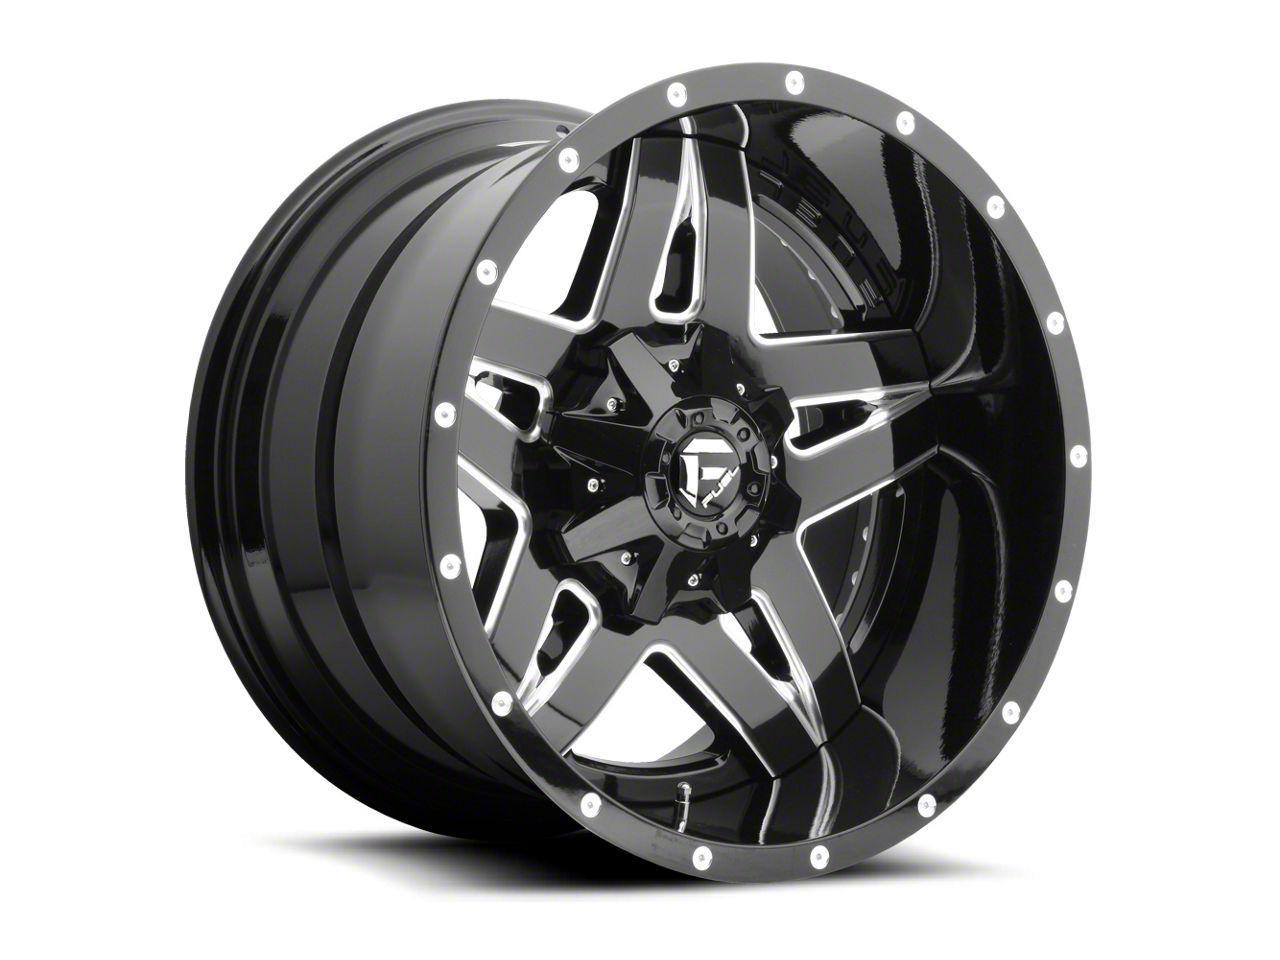 Fuel Wheels Full Blown Black Milled 6-Lug Wheel - 22x12 (99-18 Silverado 1500)